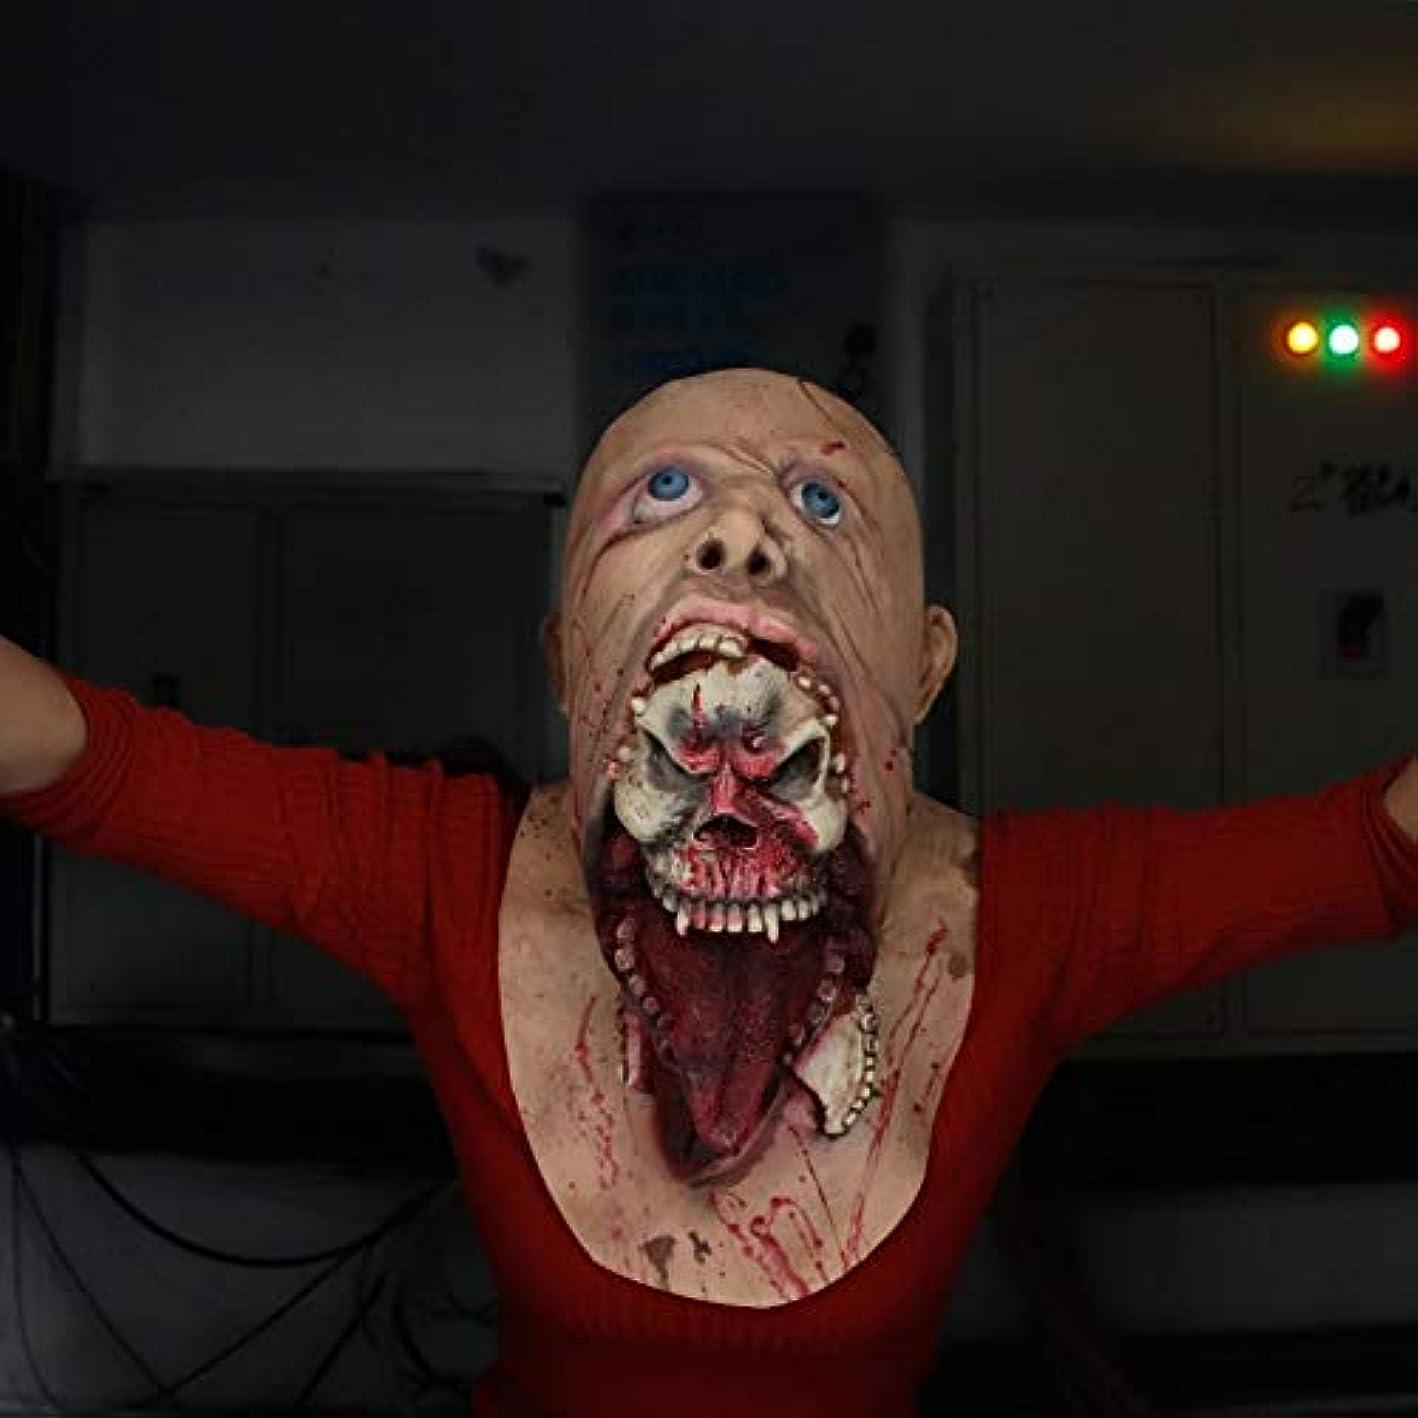 パノラマモットーショッピングセンターラテックスゾンビハロウィーンマスク、怖い寄生虫マスク、怖い残酷なラテックスマスク